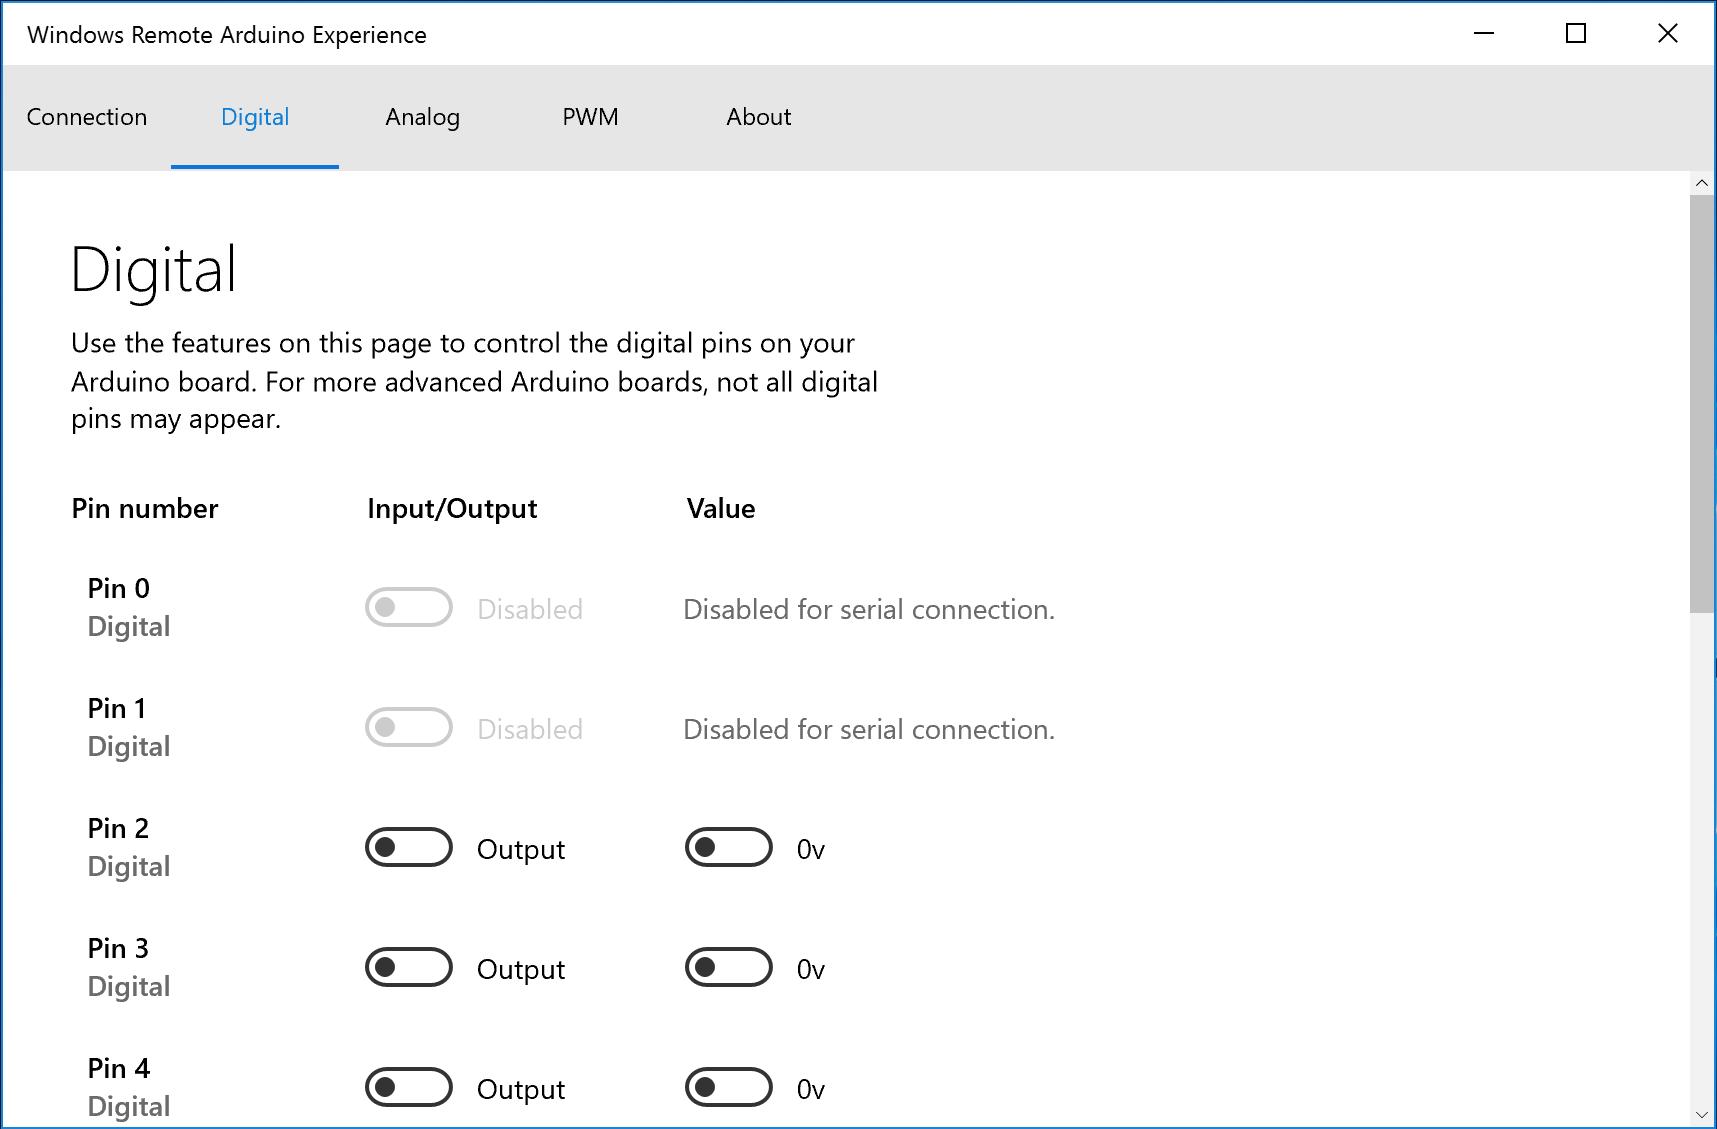 Windows Remote Arduino Experience